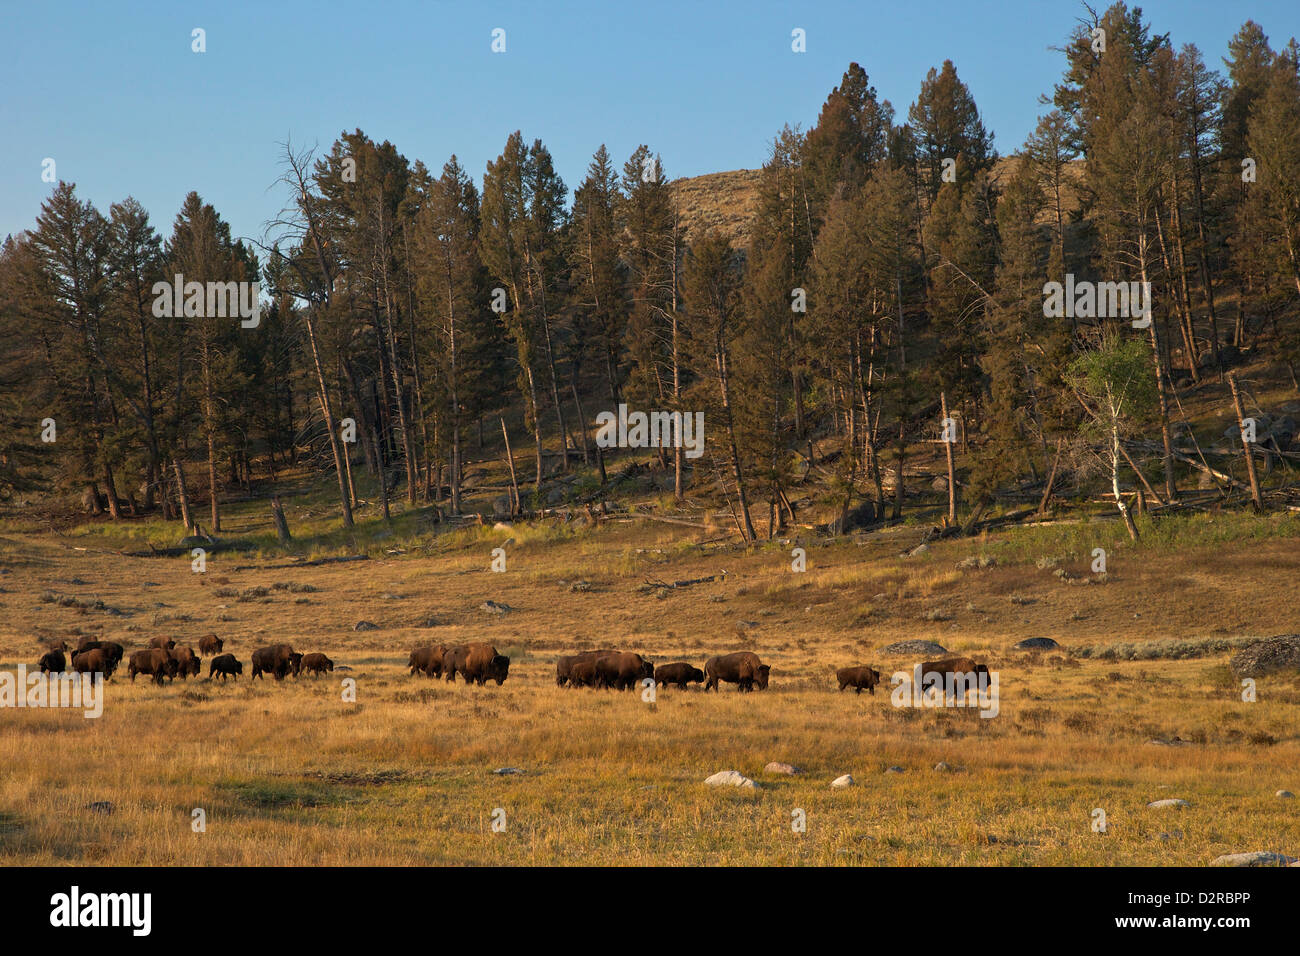 Manada de bisontes, temprano en la mañana el sol, valle Lamar, el Parque Nacional Yellowstone, Wyoming, EE.UU. Foto de stock